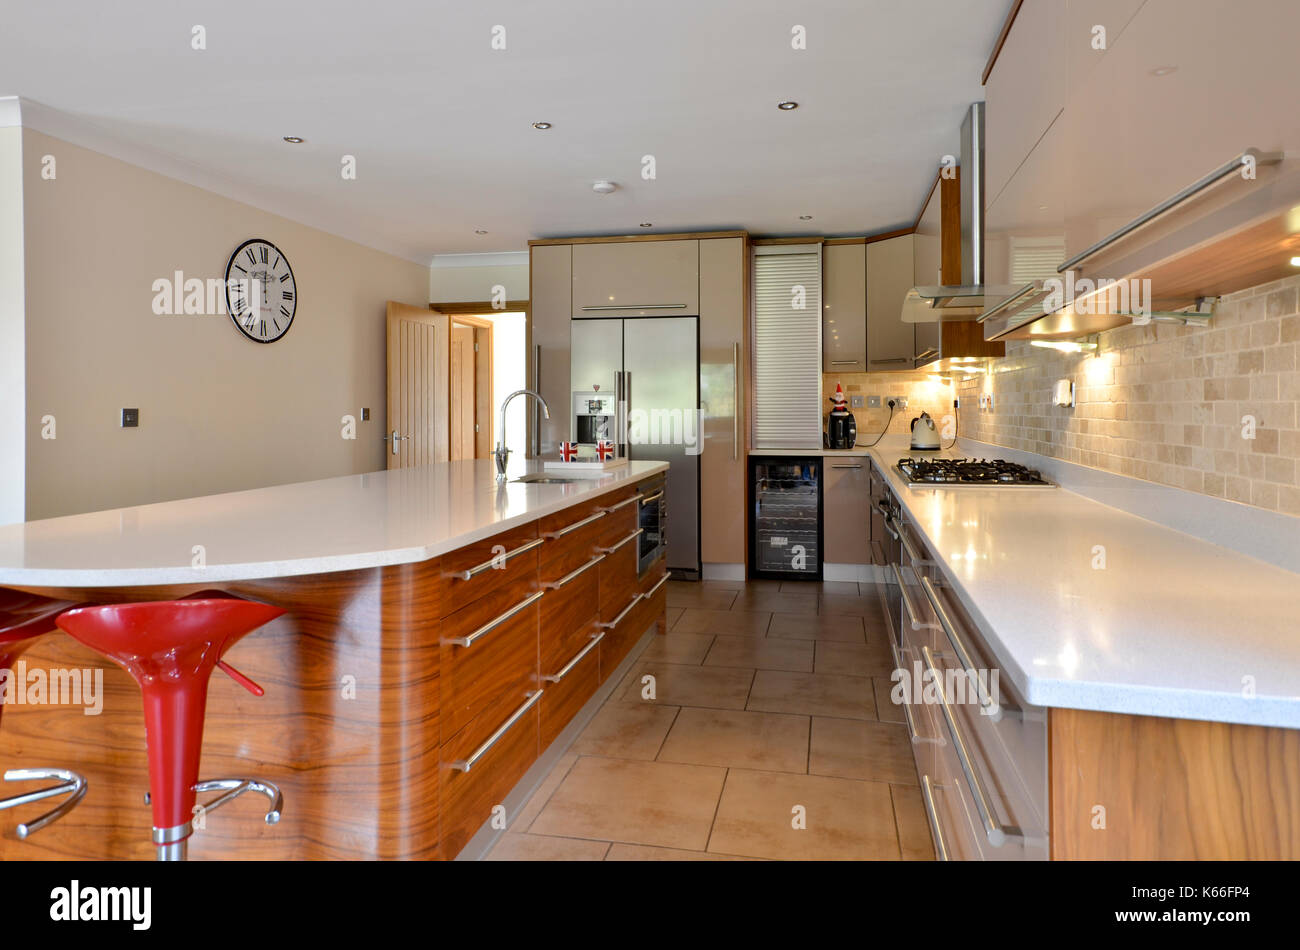 Ausgestattete Küche Luxus Neubau Home Stockbild